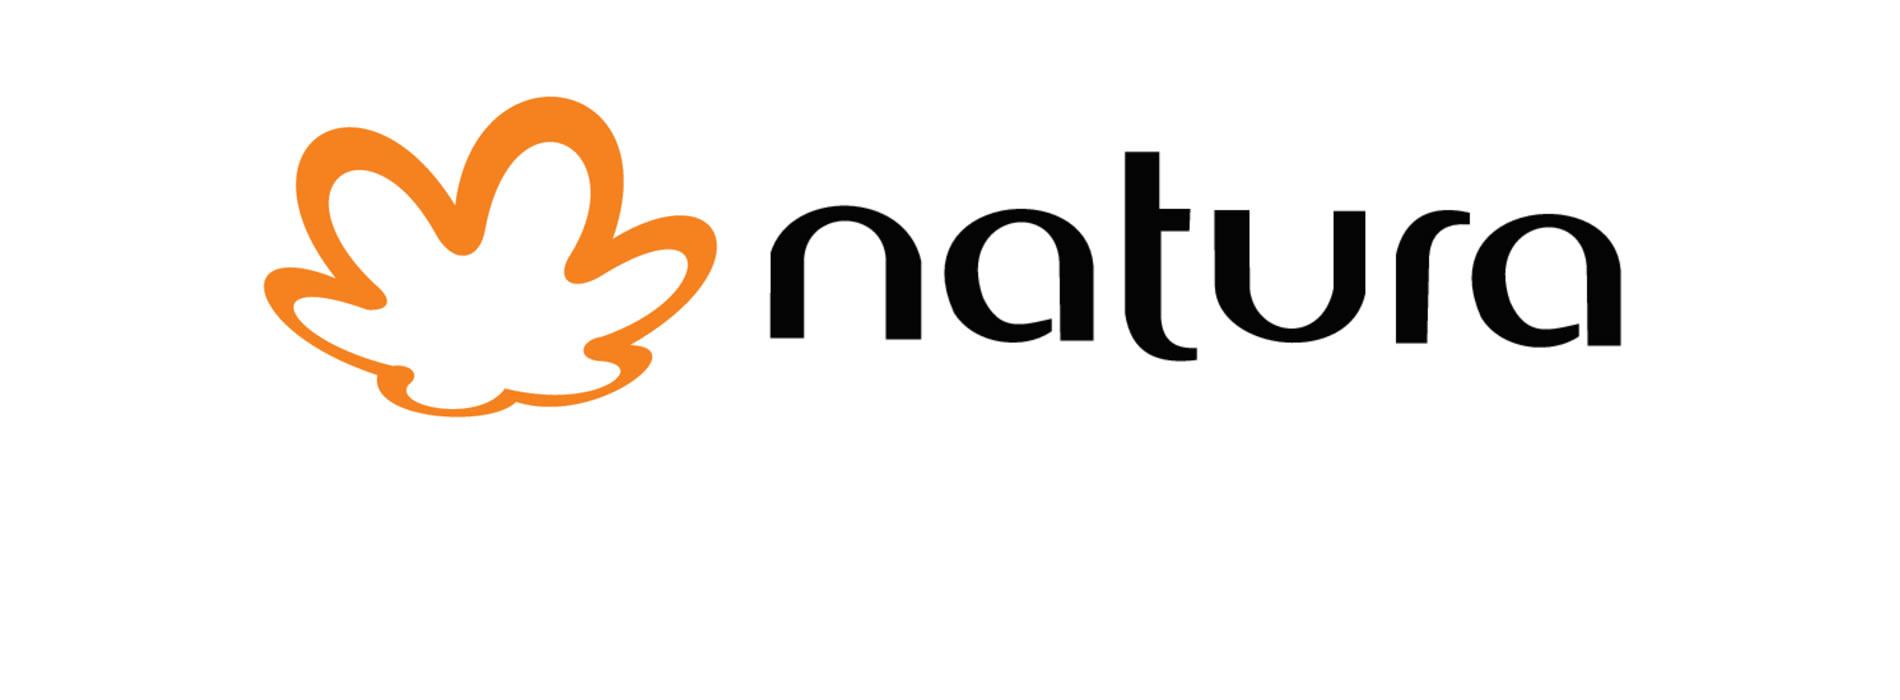 90c072007 ... uma revendedora Natura e ganhar muito dinheiro em uma atividade que não  requer um grande investimento inicial e que você pode trabalhar até mesmo  em ...